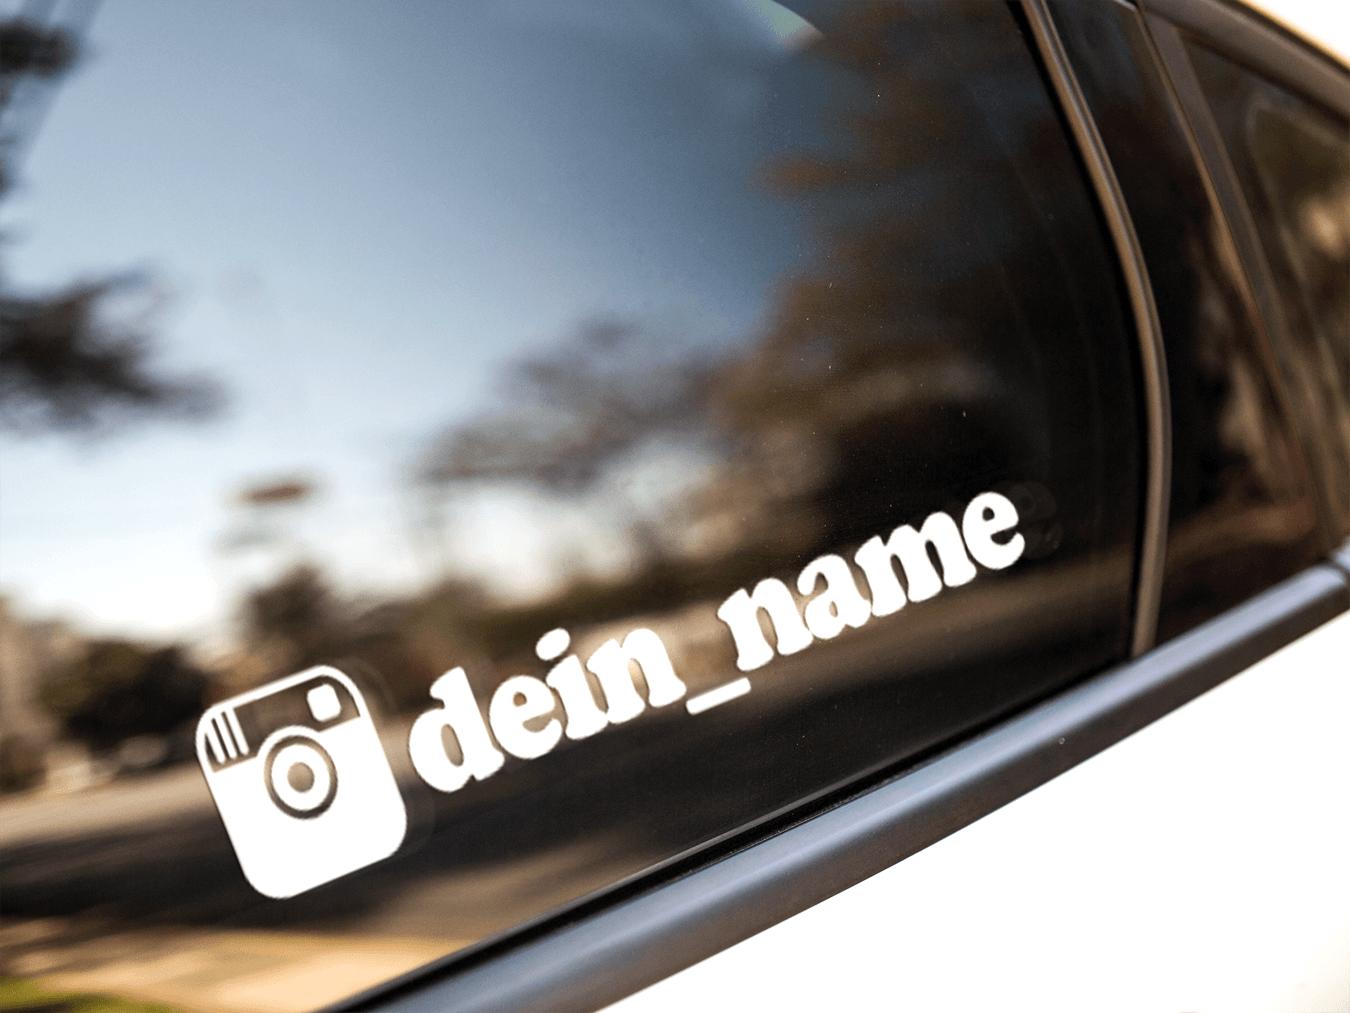 Full Size of Instagram Aufkleber Mit Namen Frs Auto Tuning Logo Car Sticker Decal Sofa Online Kaufen Duschen Küche Billig Ikea Günstig Betten Dusche Big Tipps Breaking Wohnzimmer Folie Auto Kaufen